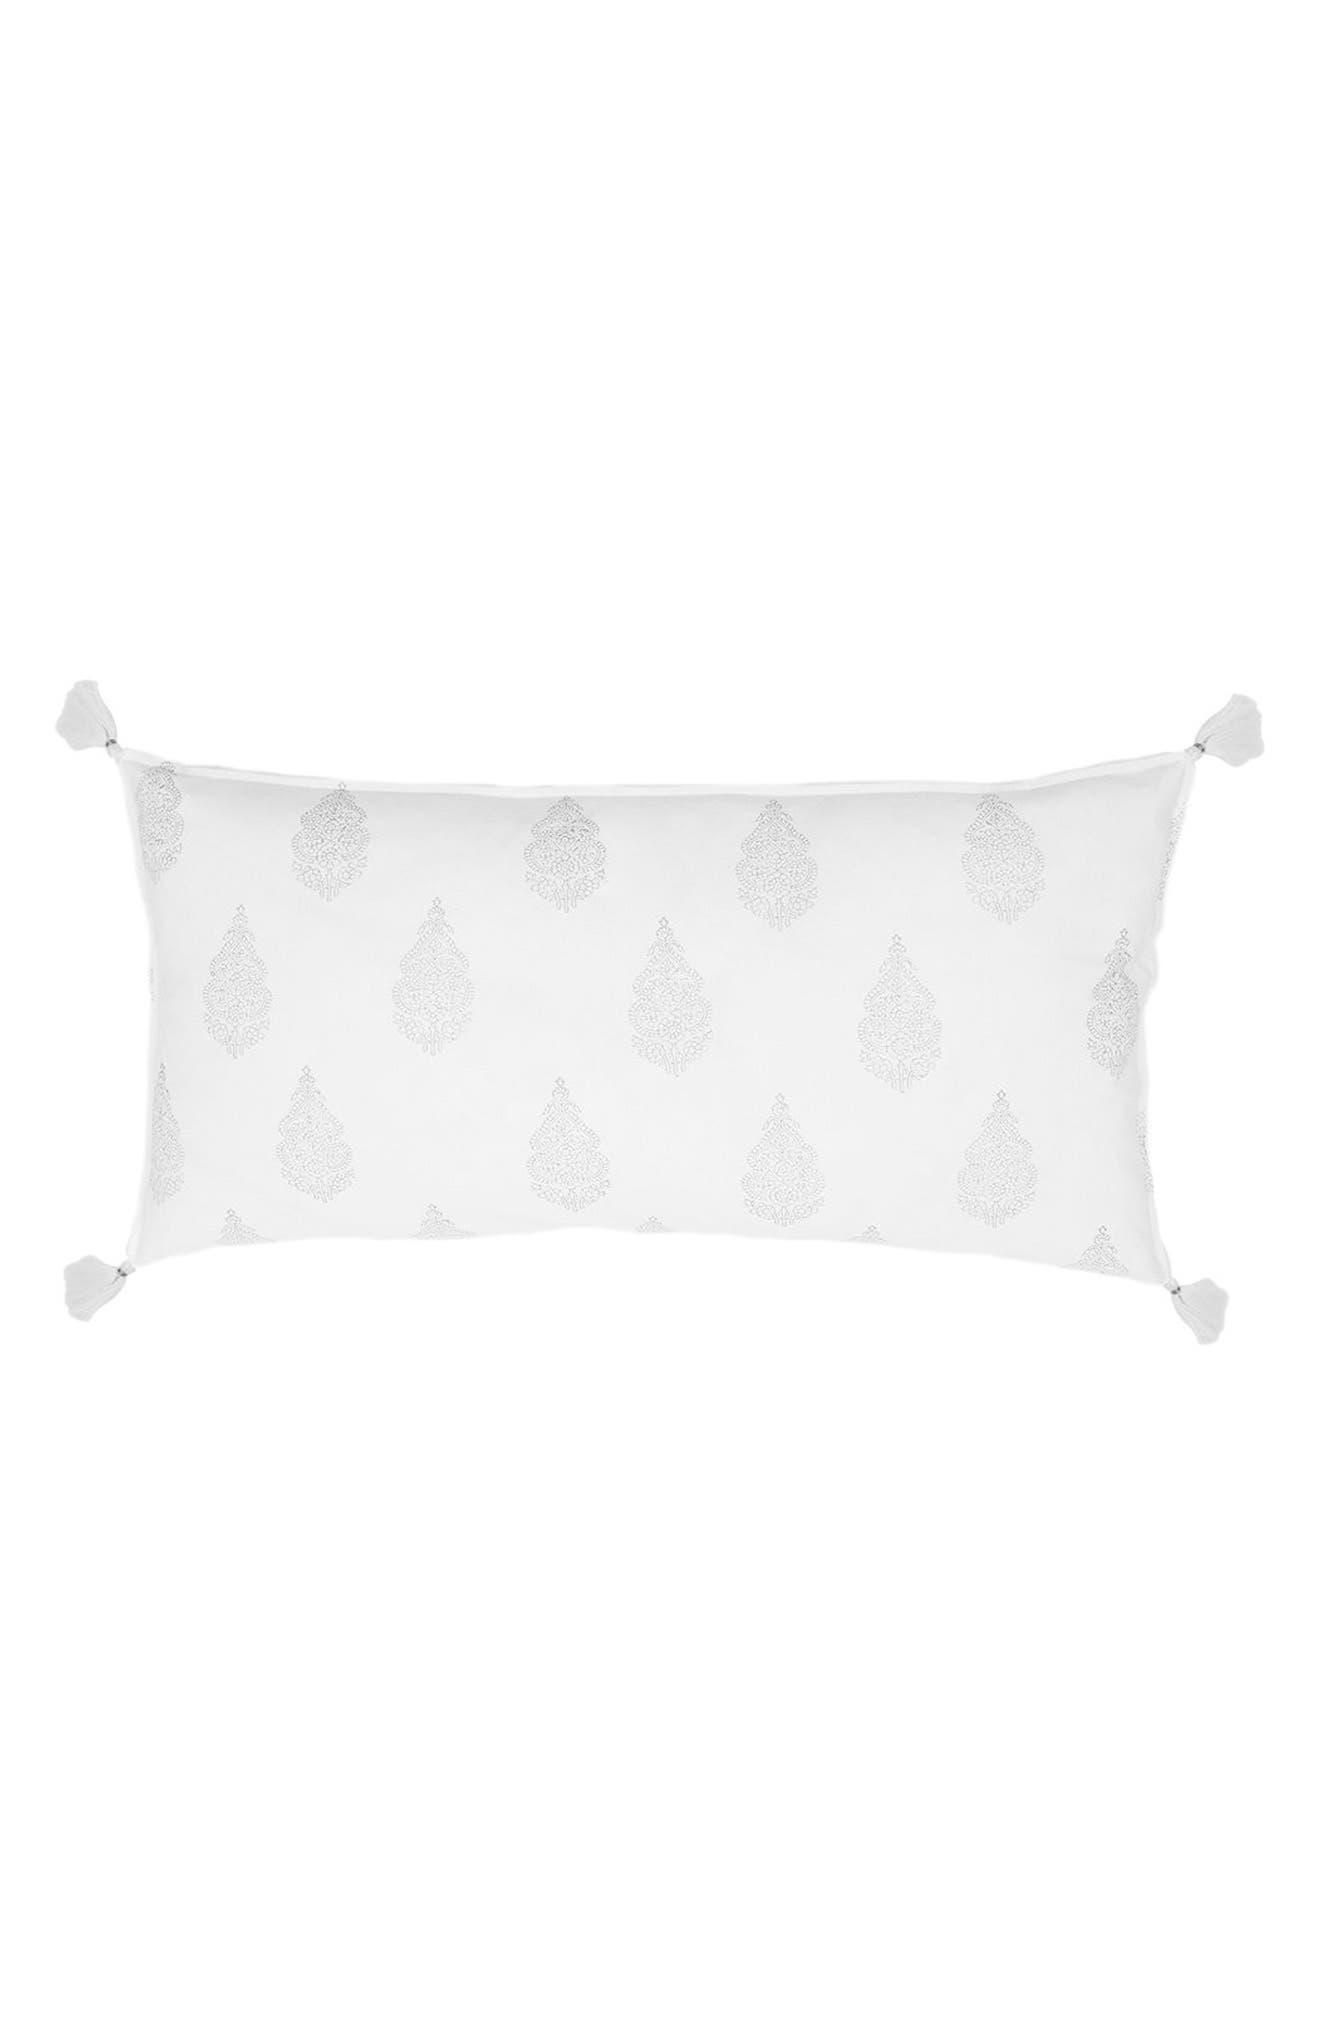 Siya Accent Pillow,                             Main thumbnail 1, color,                             Silver